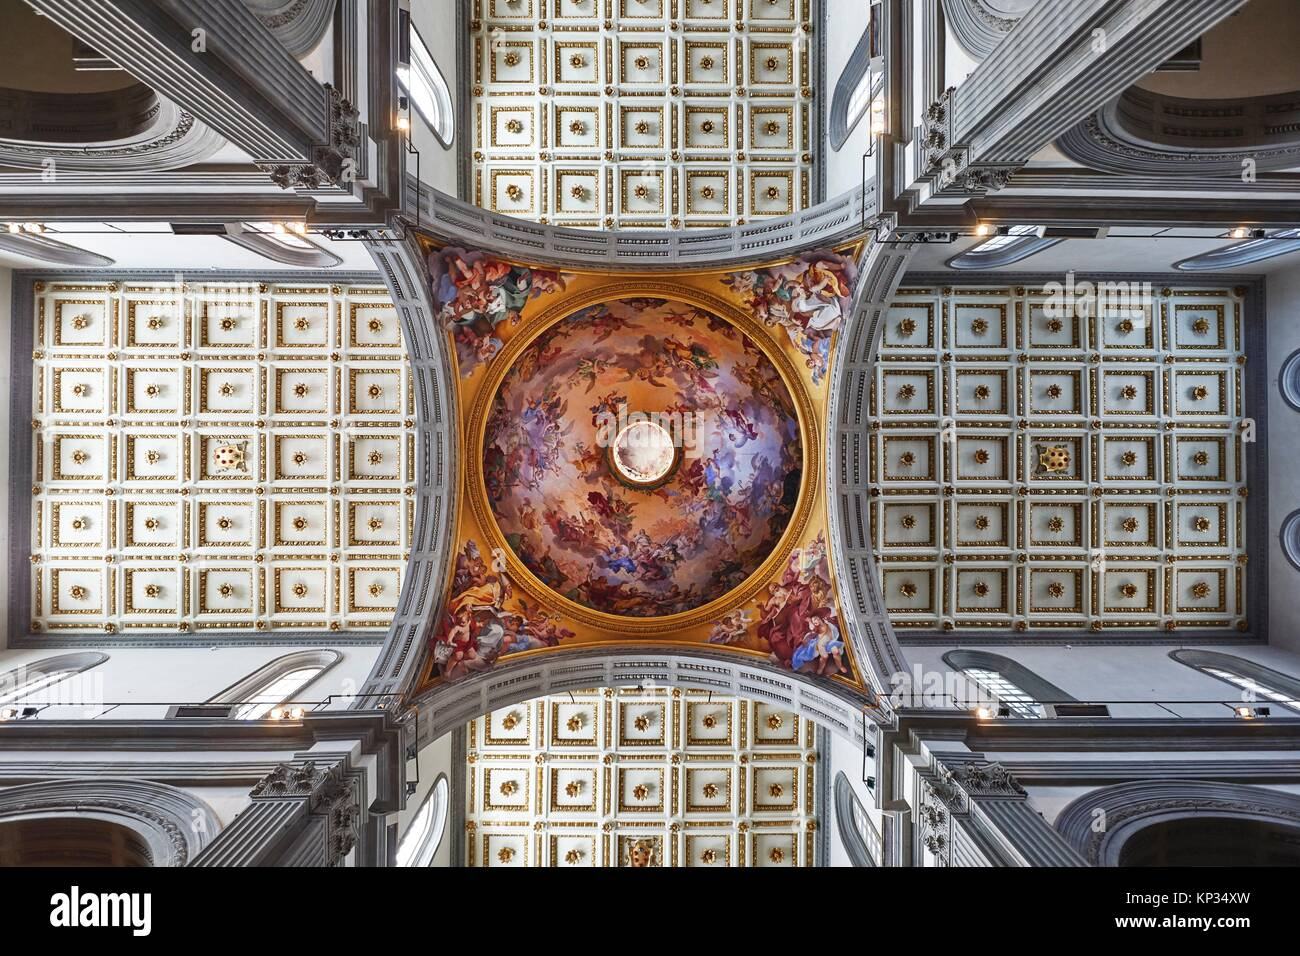 Die Basilika San Lorenzo Basilika St. Lawrence) ist eine der größten Kirchen in Florenz, Italien, in der Stockbild